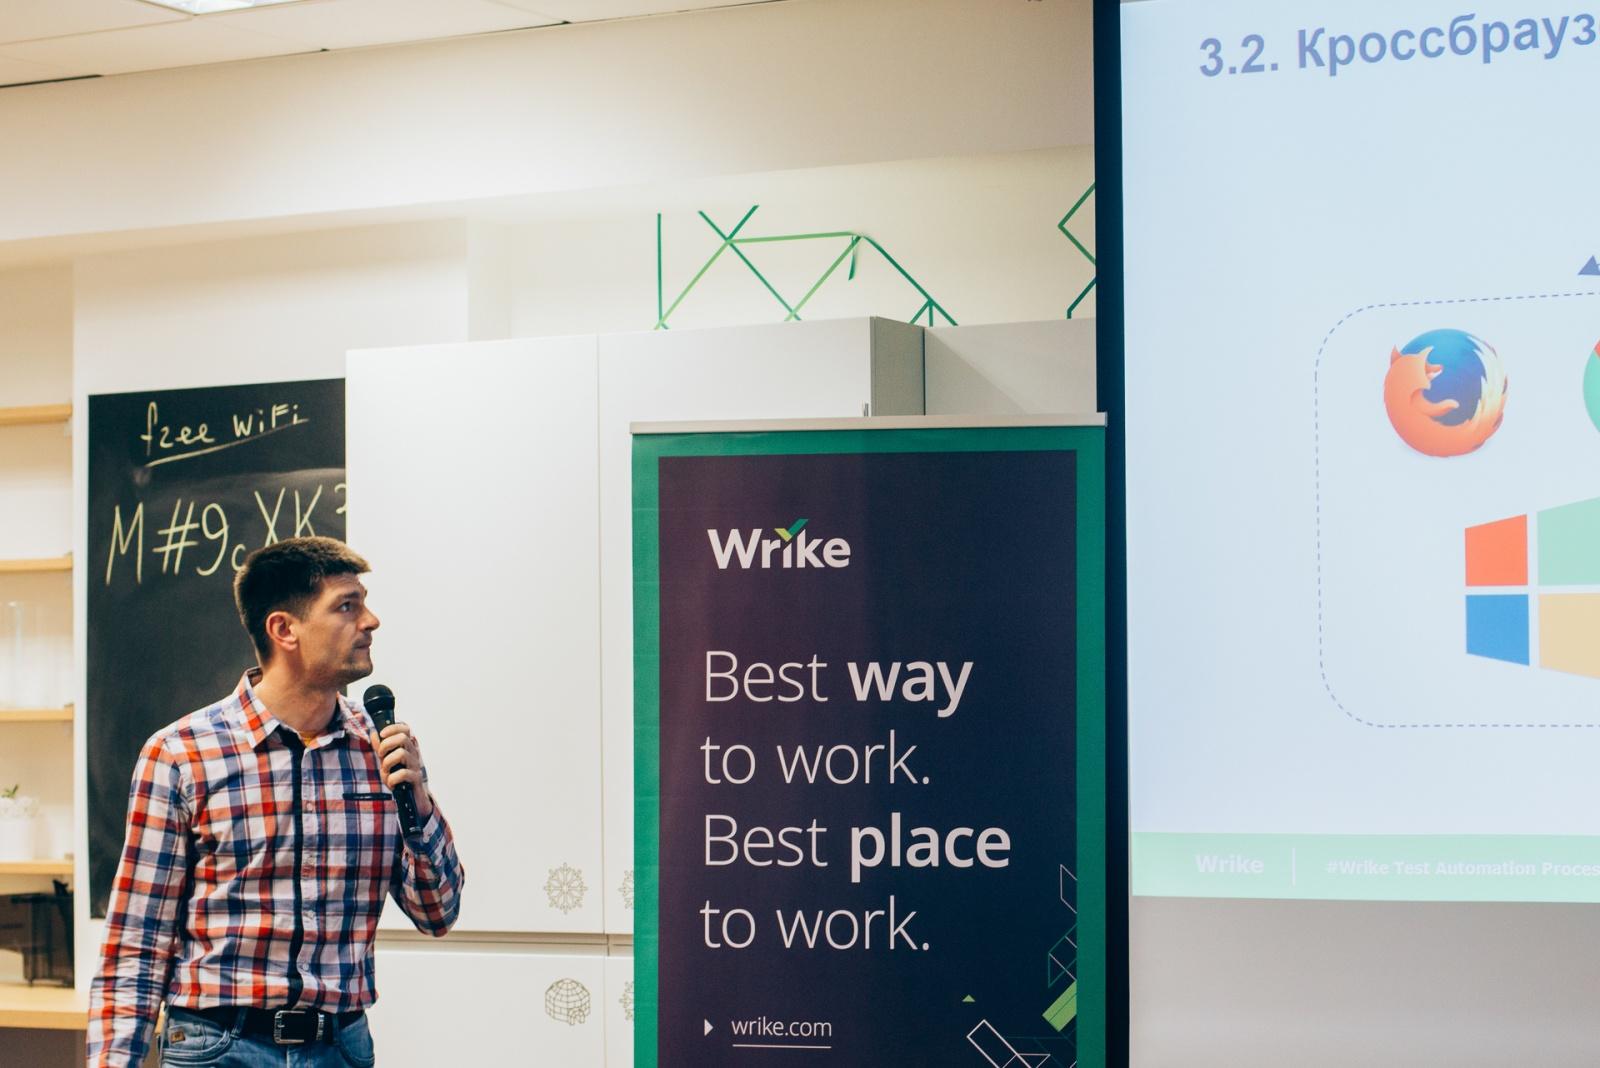 Как построить грамотную систему тестирования? Инсайты от QA-экспертов: видео и презентации с митапа в Wrike - 3